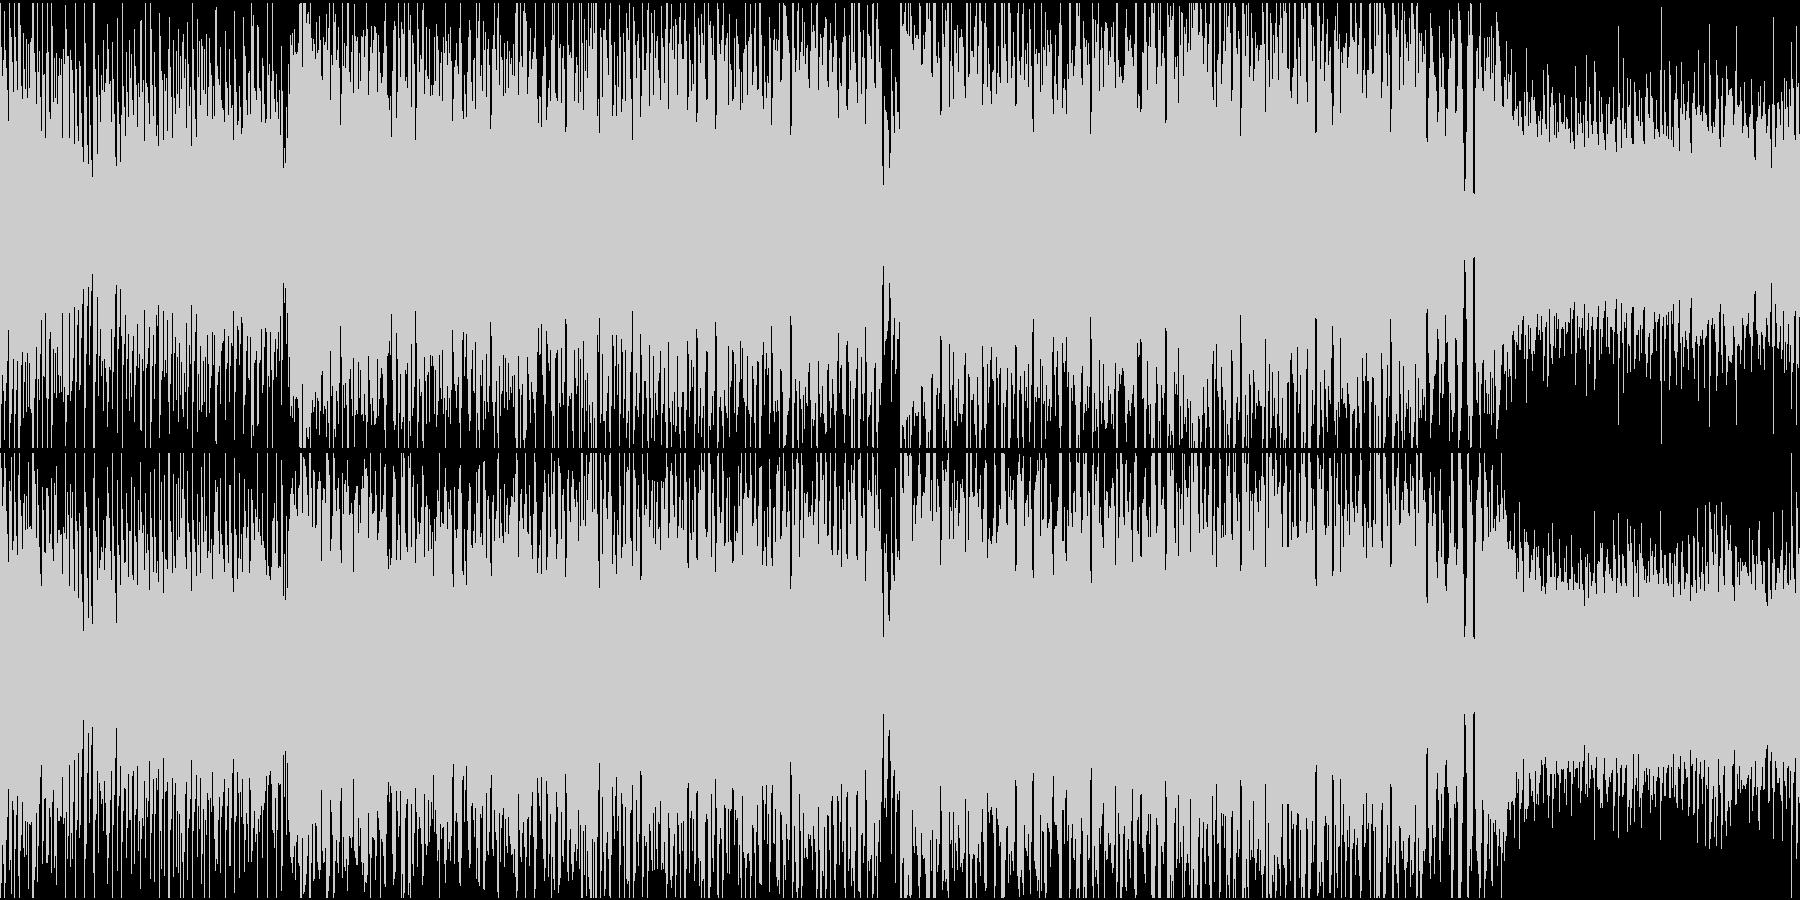 明るい晴れ気分のEDM(ハウス)の未再生の波形